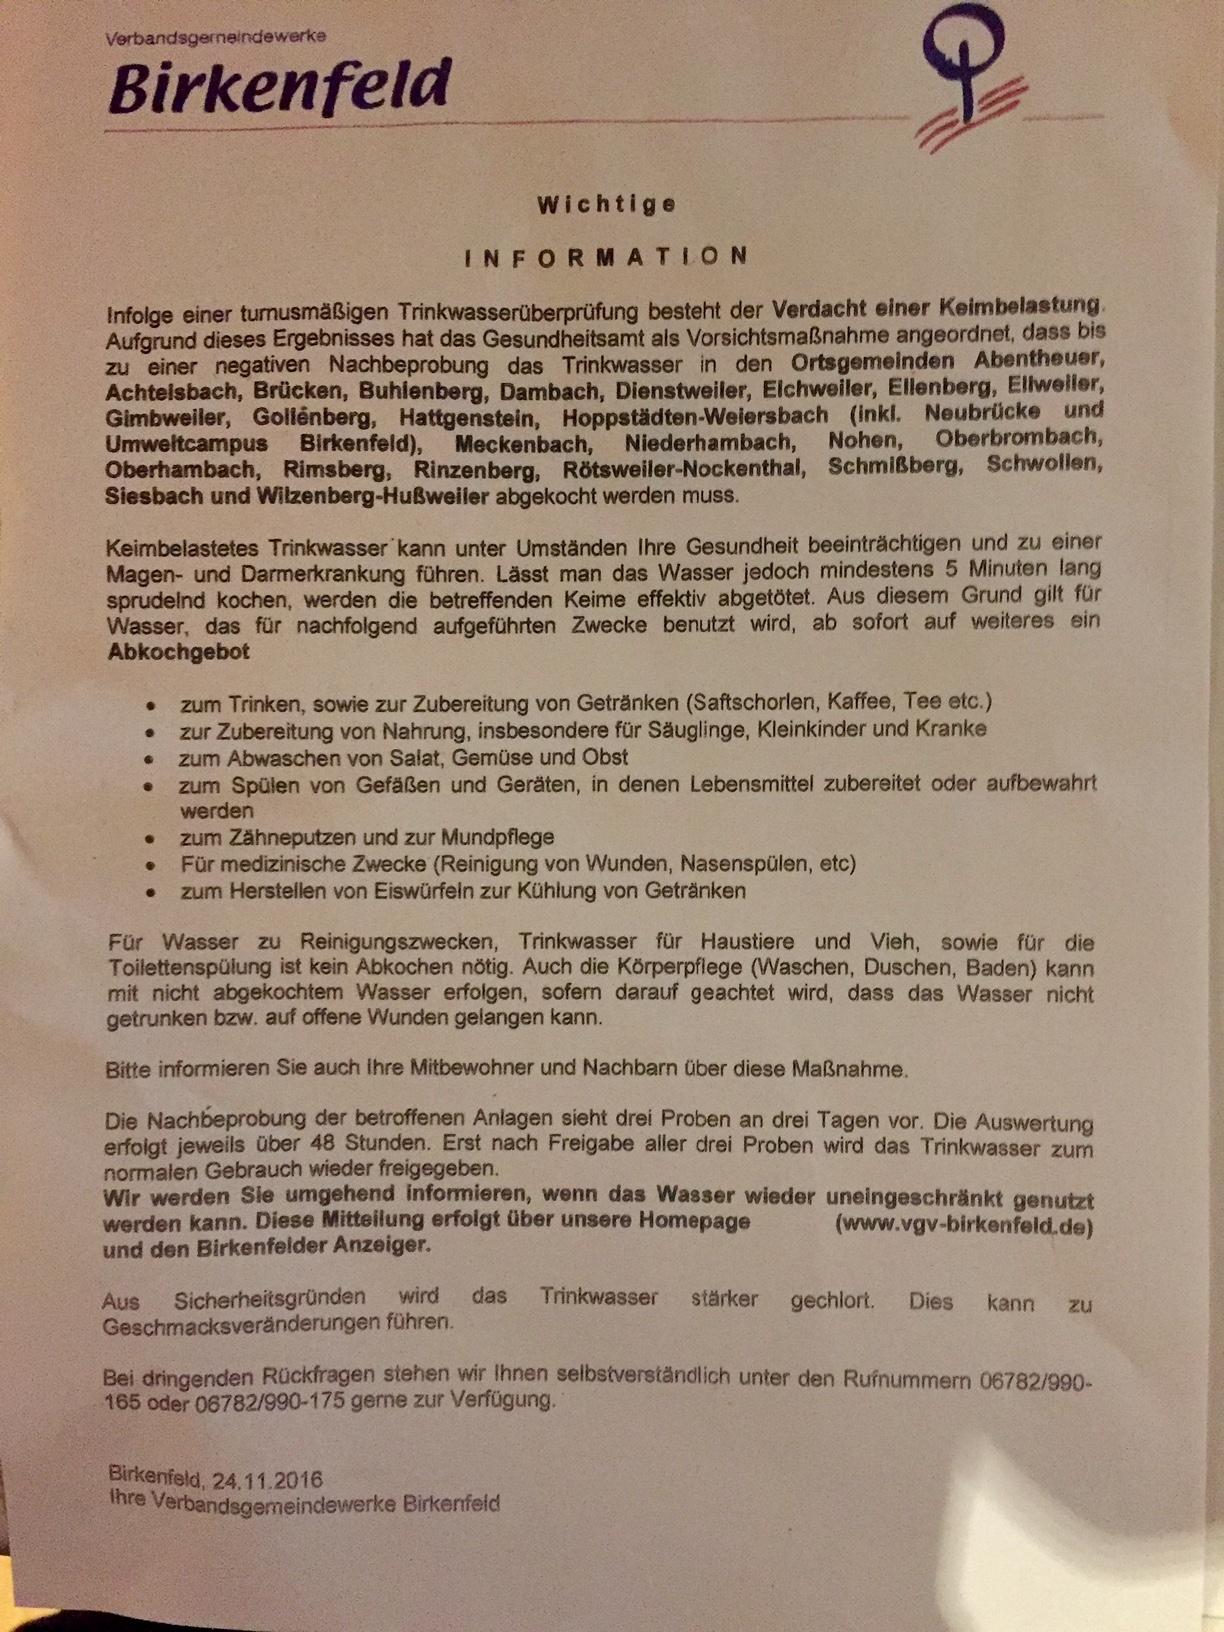 Mit diesem Schreiben informiert die Verbandsgemeinde Birkenfeld die Bürger.